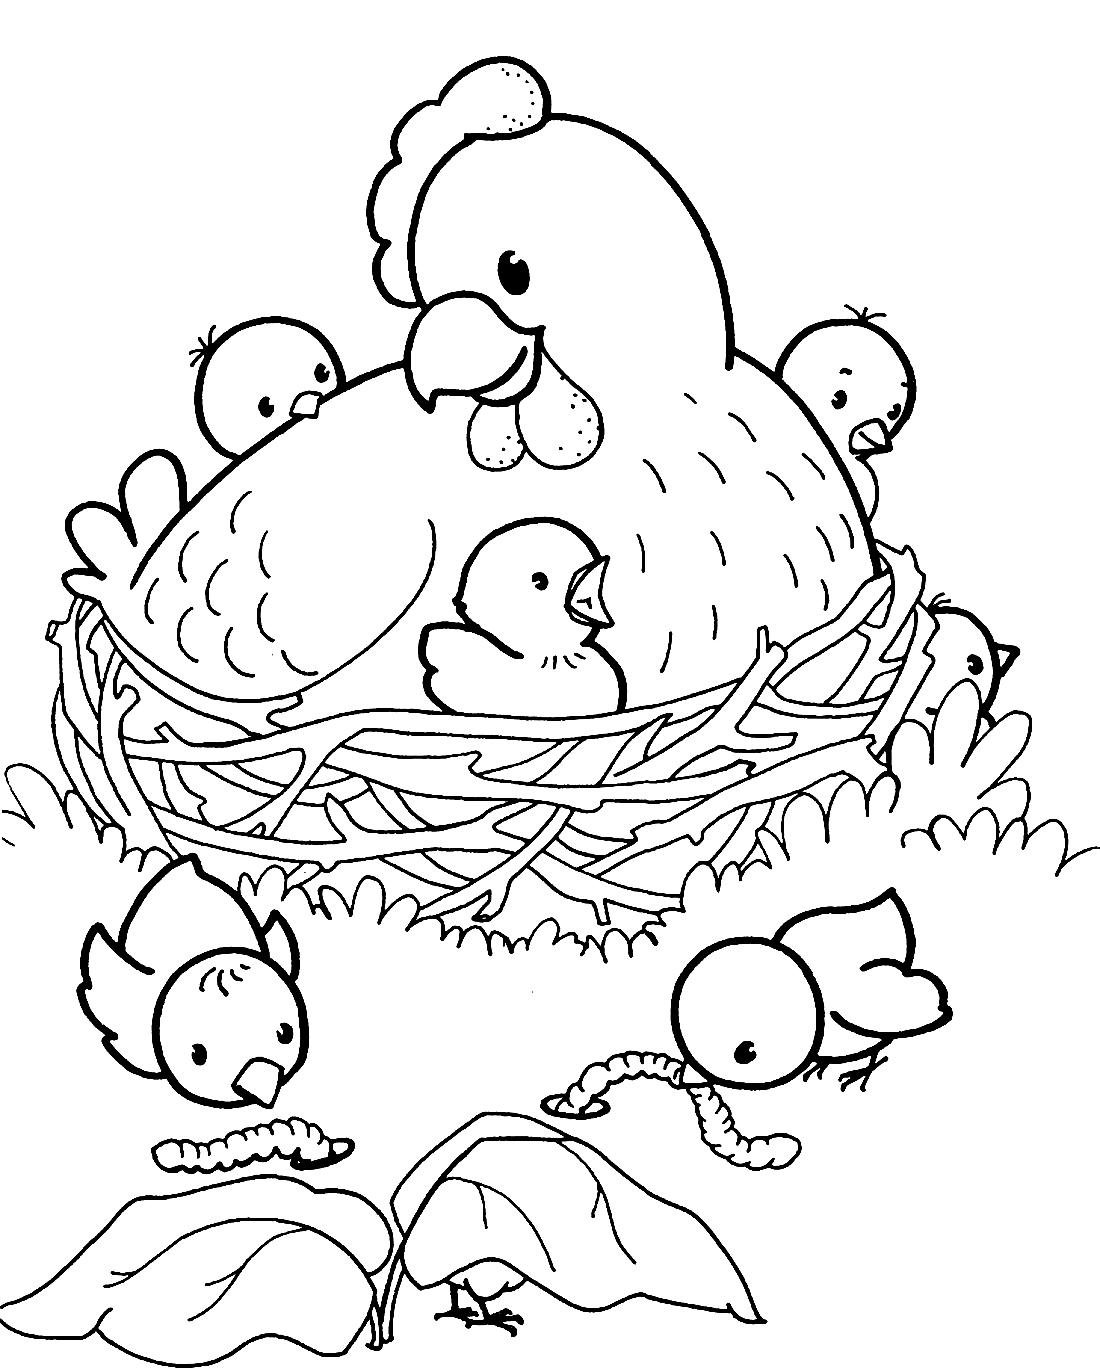 Раскраска курица с цыплятами